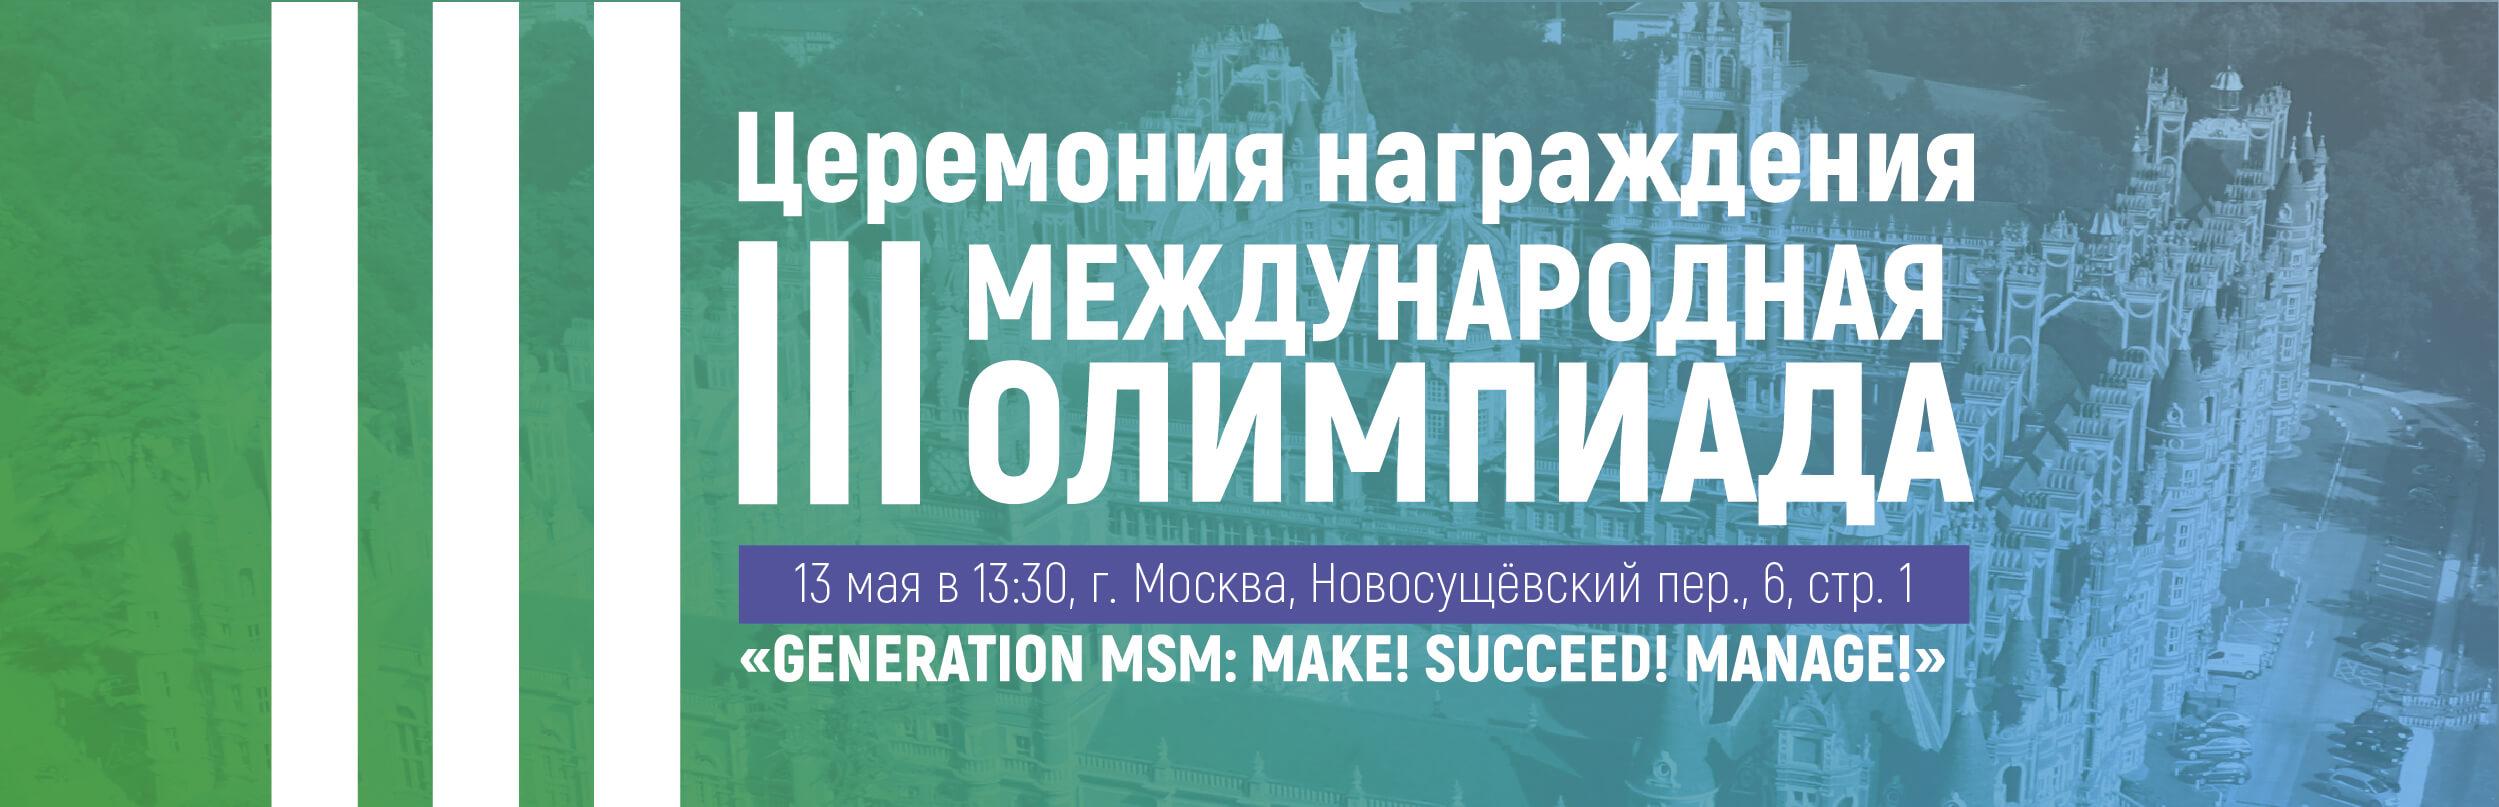 плакат msmstudy